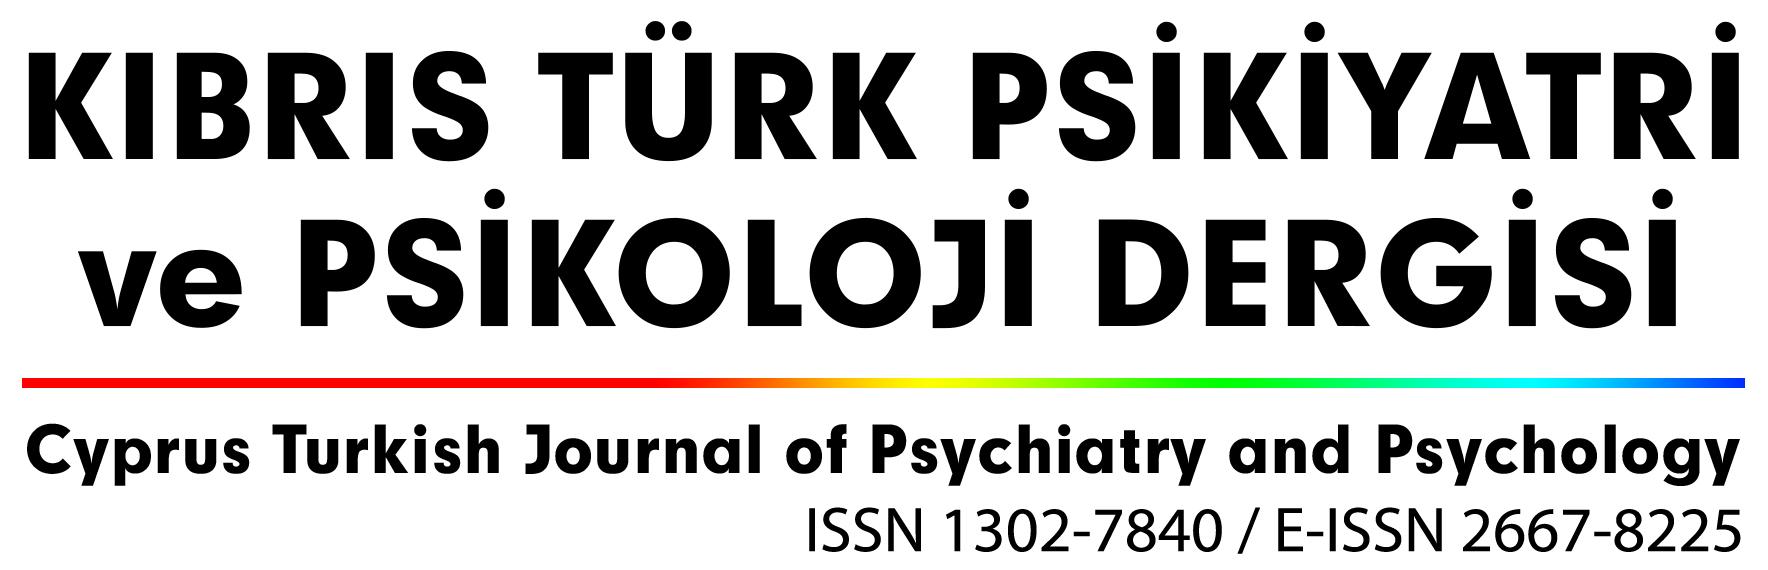 Kıbrıs Türk Psikiyatri ve Psikoloji Dergisi